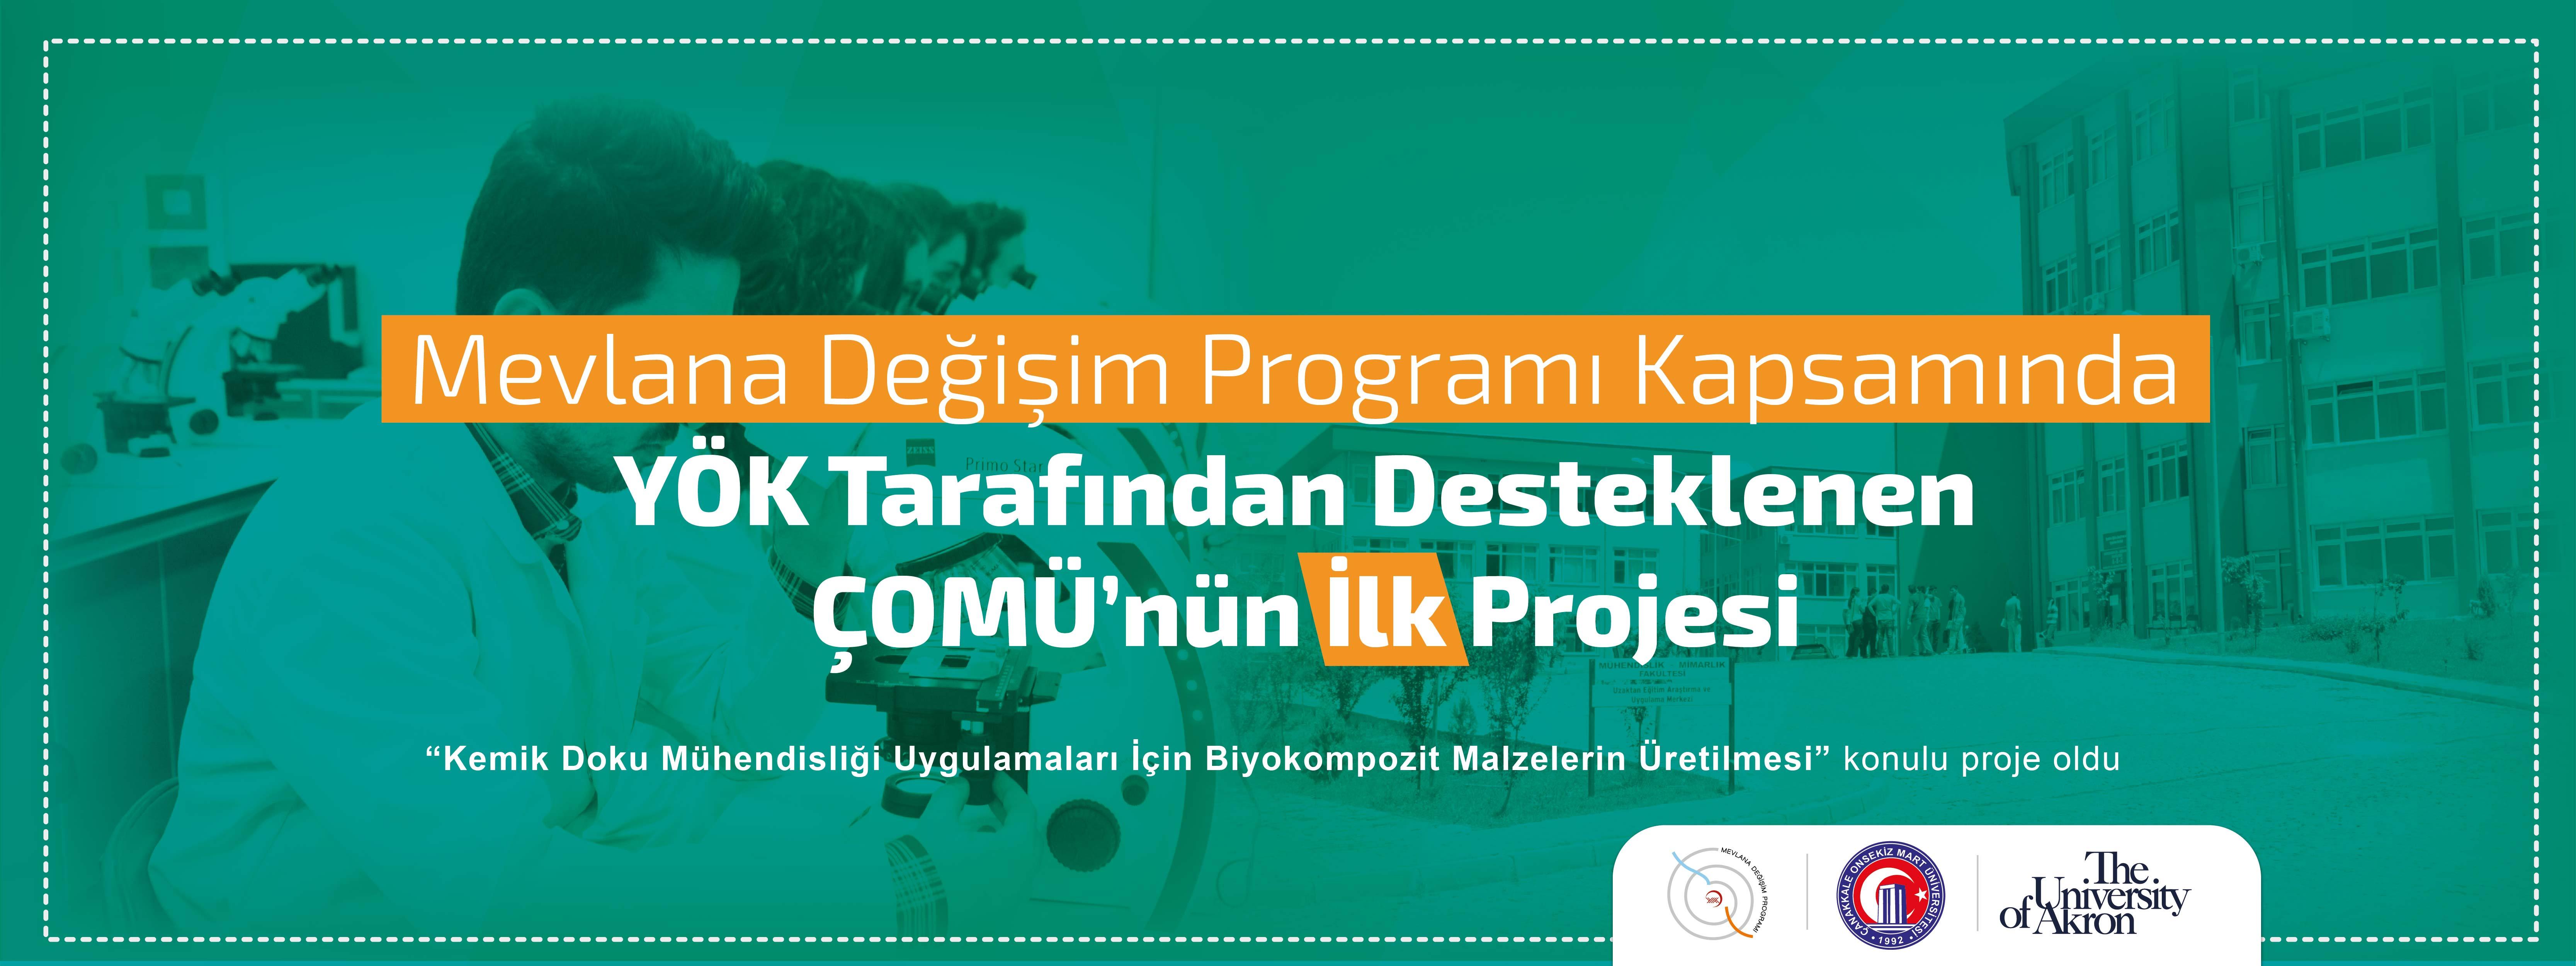 Mevlana Değişim Programı Kapsamında YÖK Tarafından Desteklenen ÇOMÜ'nün İlk Projesi